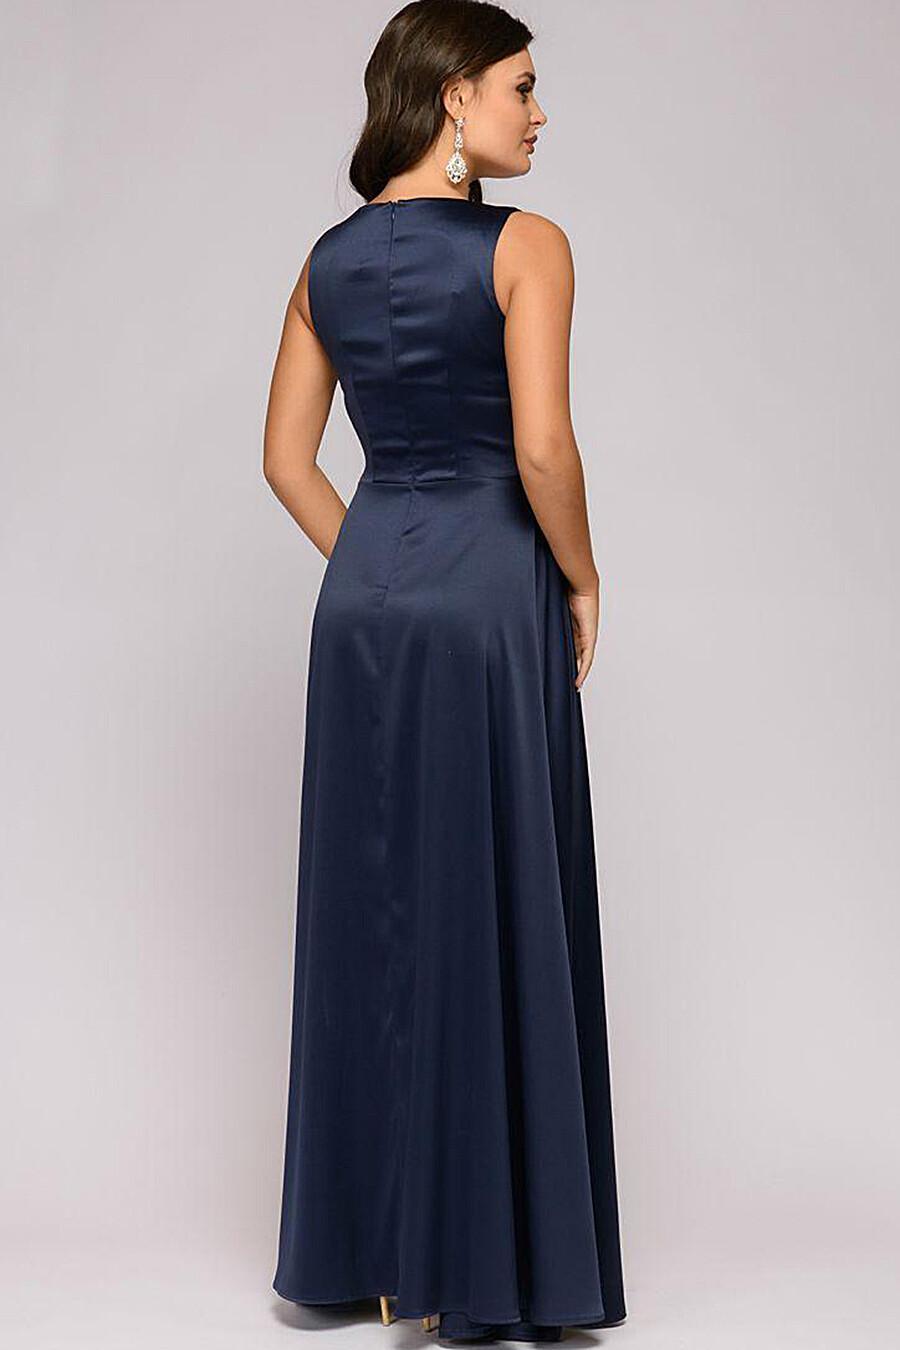 Платье для женщин 1001 DRESS 130712 купить оптом от производителя. Совместная покупка женской одежды в OptMoyo